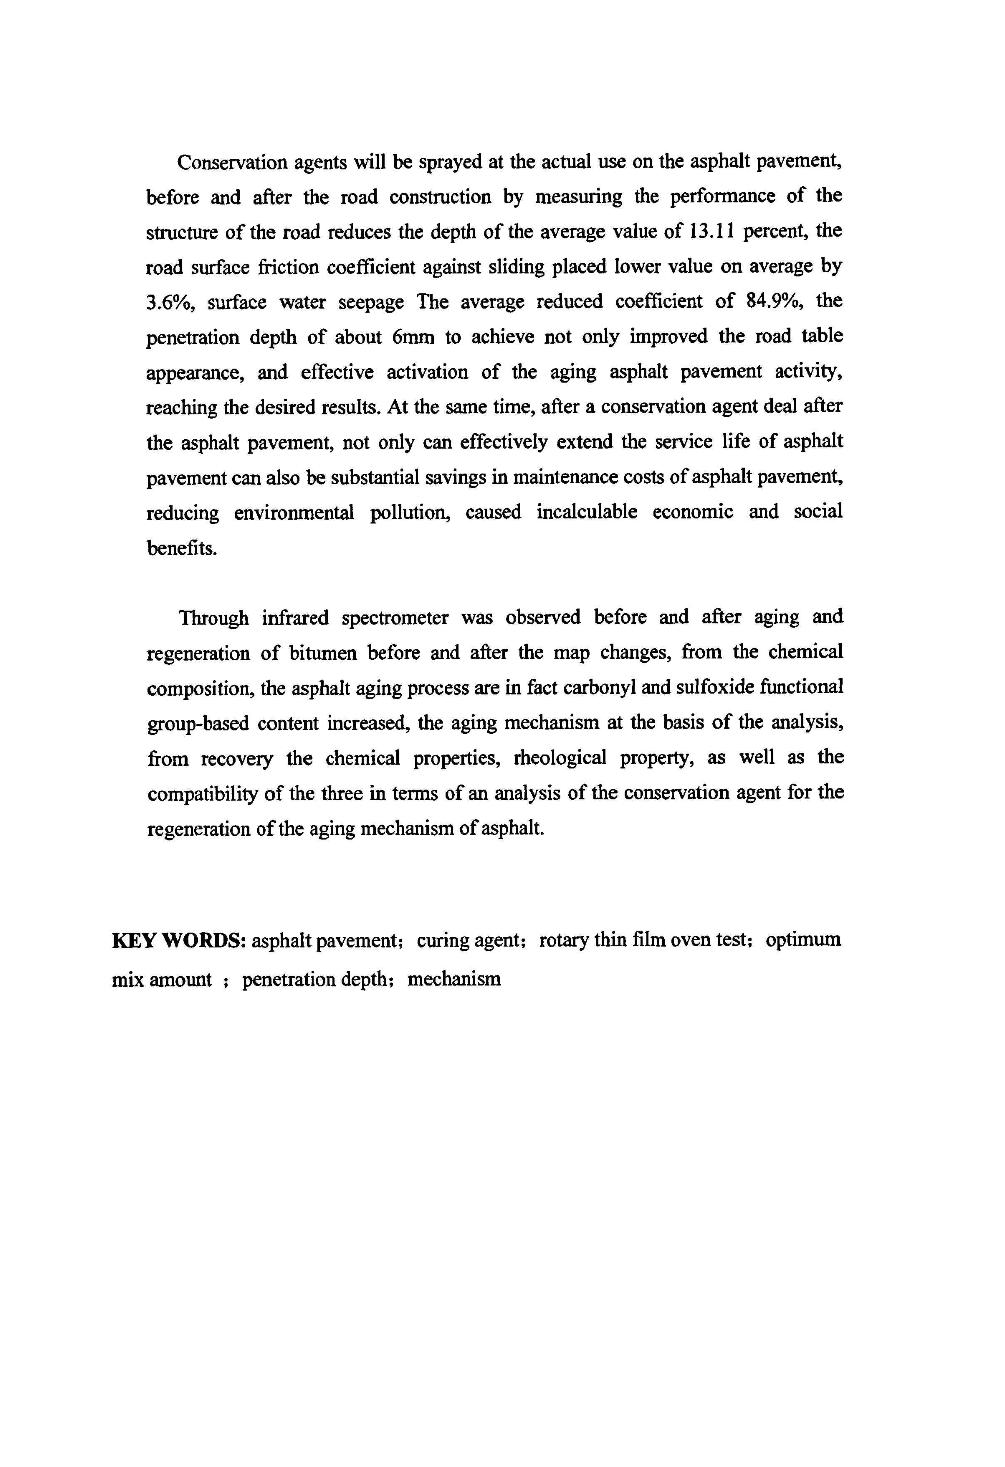 公路沥青路面预防性养护材料的试验及应用研究图片1